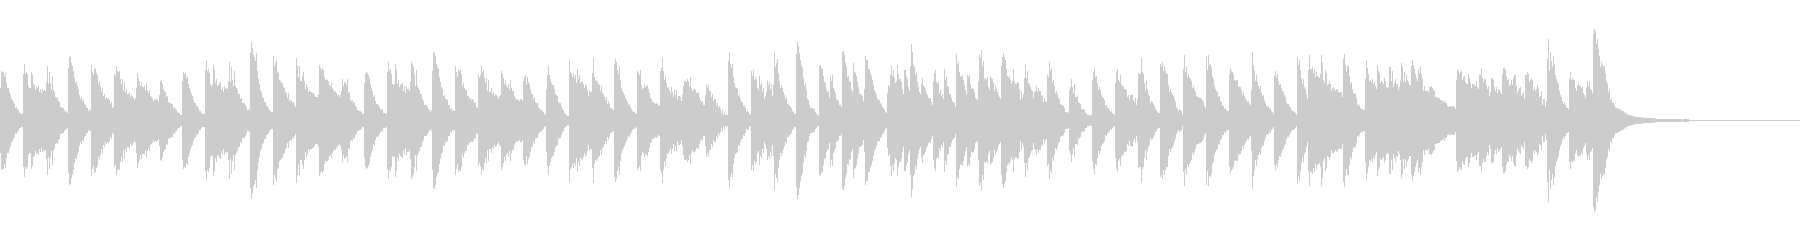 ジプシー風のアップテンポピアノジングルの未再生の波形